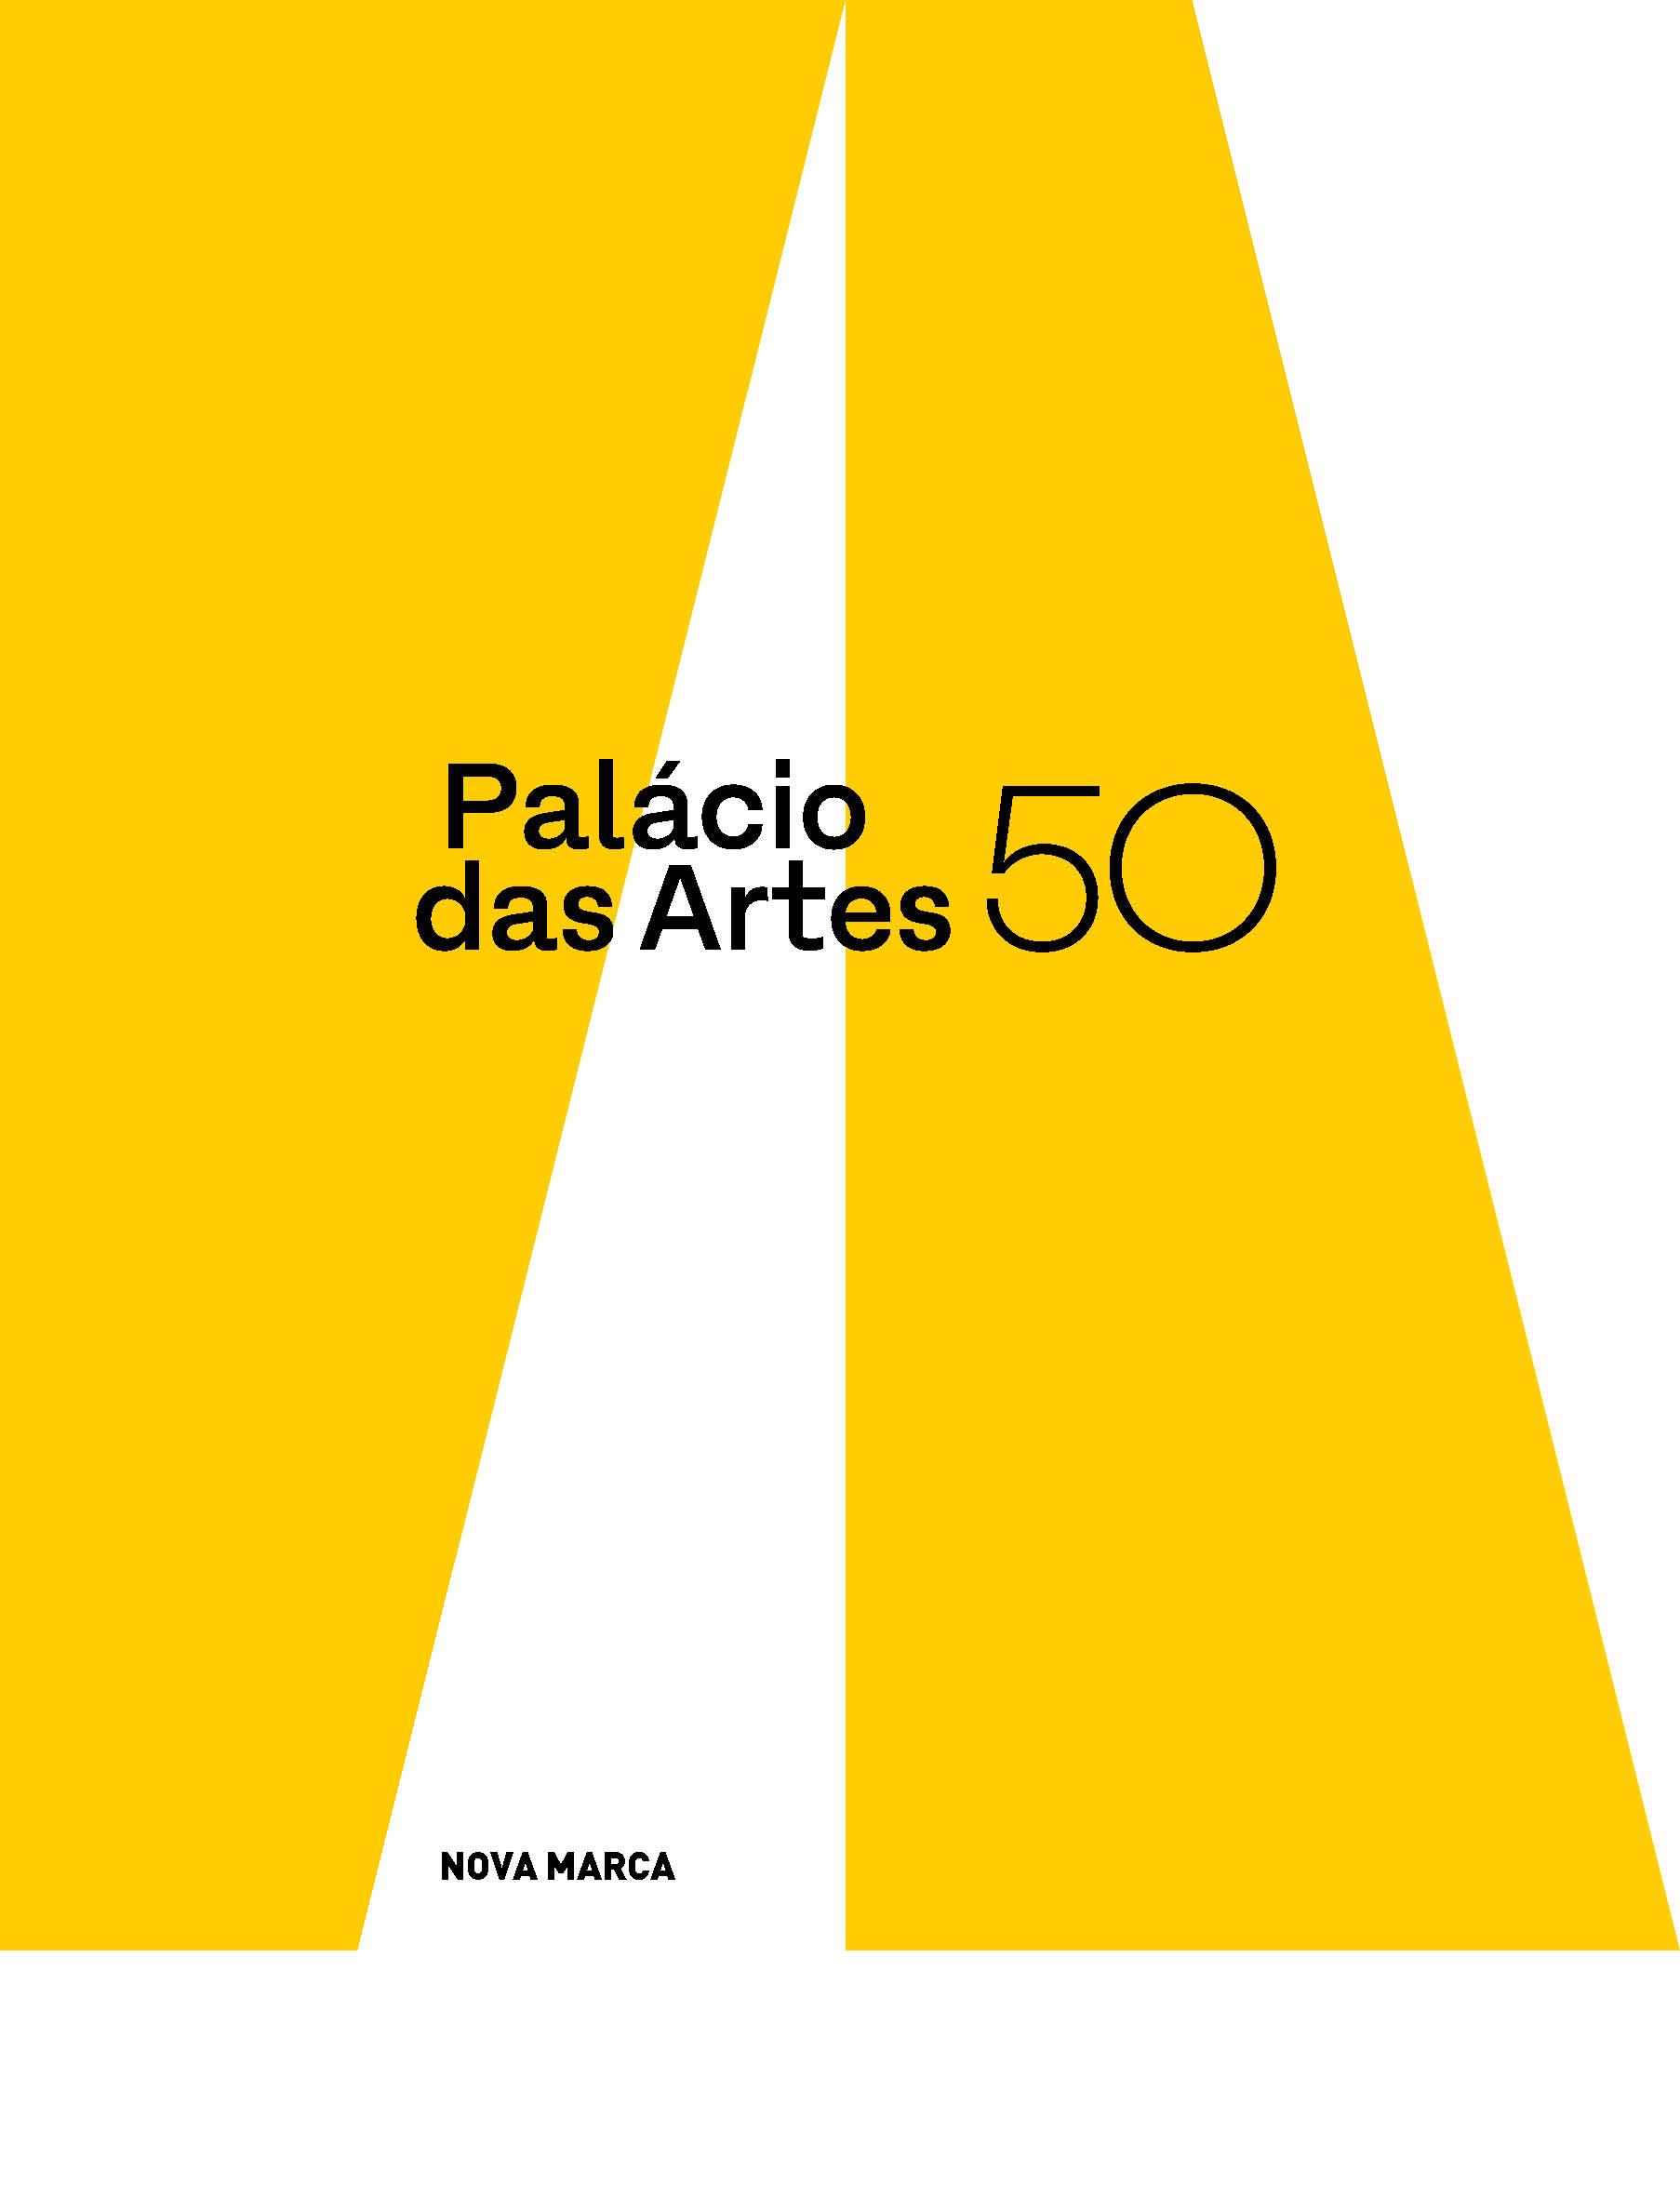 Evento: Palácio das Artes ganha marca criada pela Greco Design para comemorar seus 50 anos